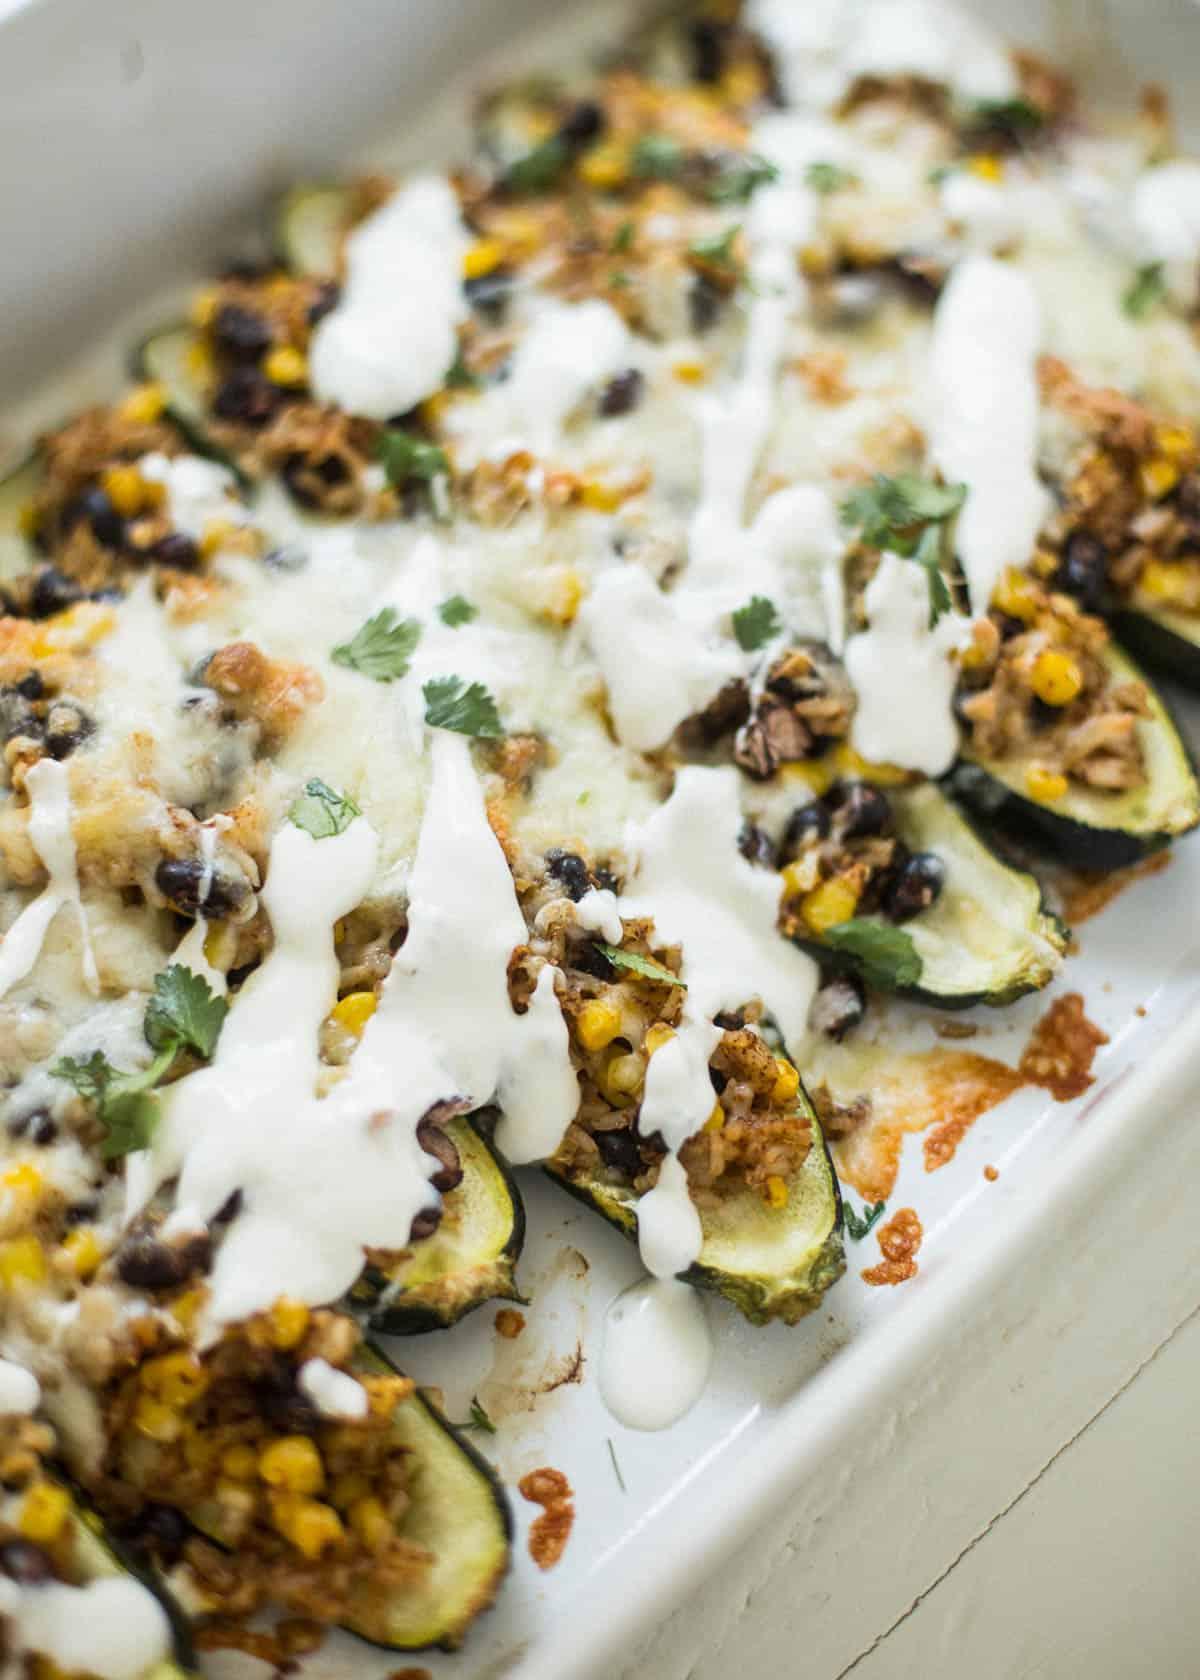 stuffed zucchini boats on a white tray